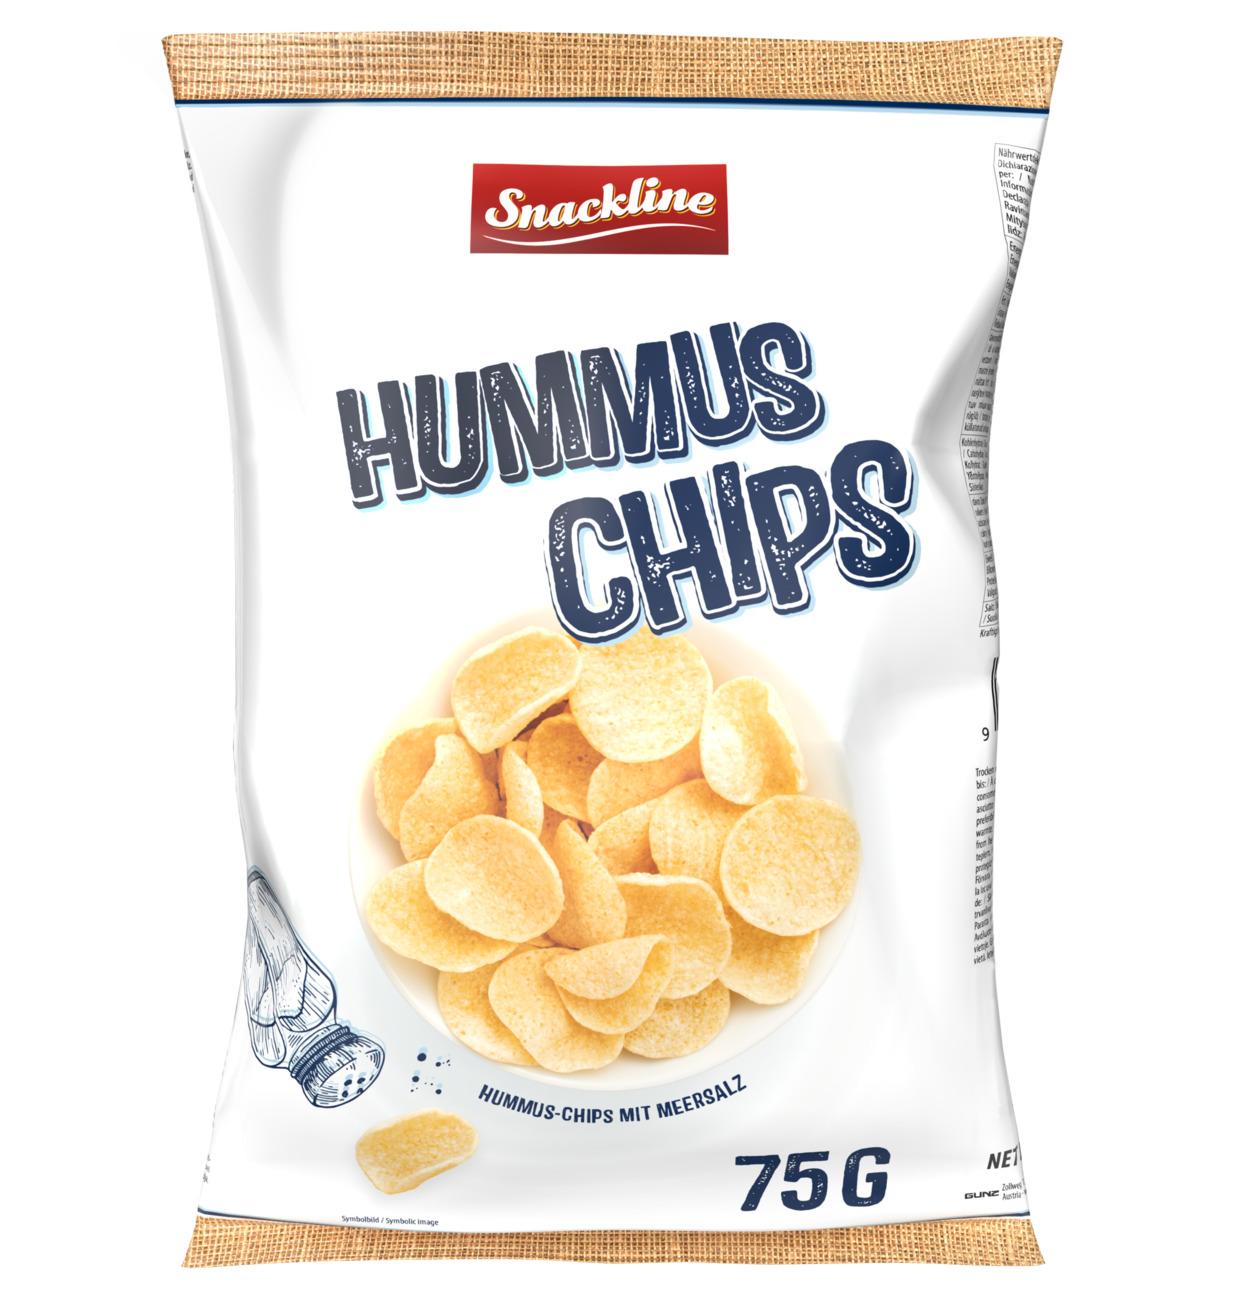 Snackline Hummus Chips 75g